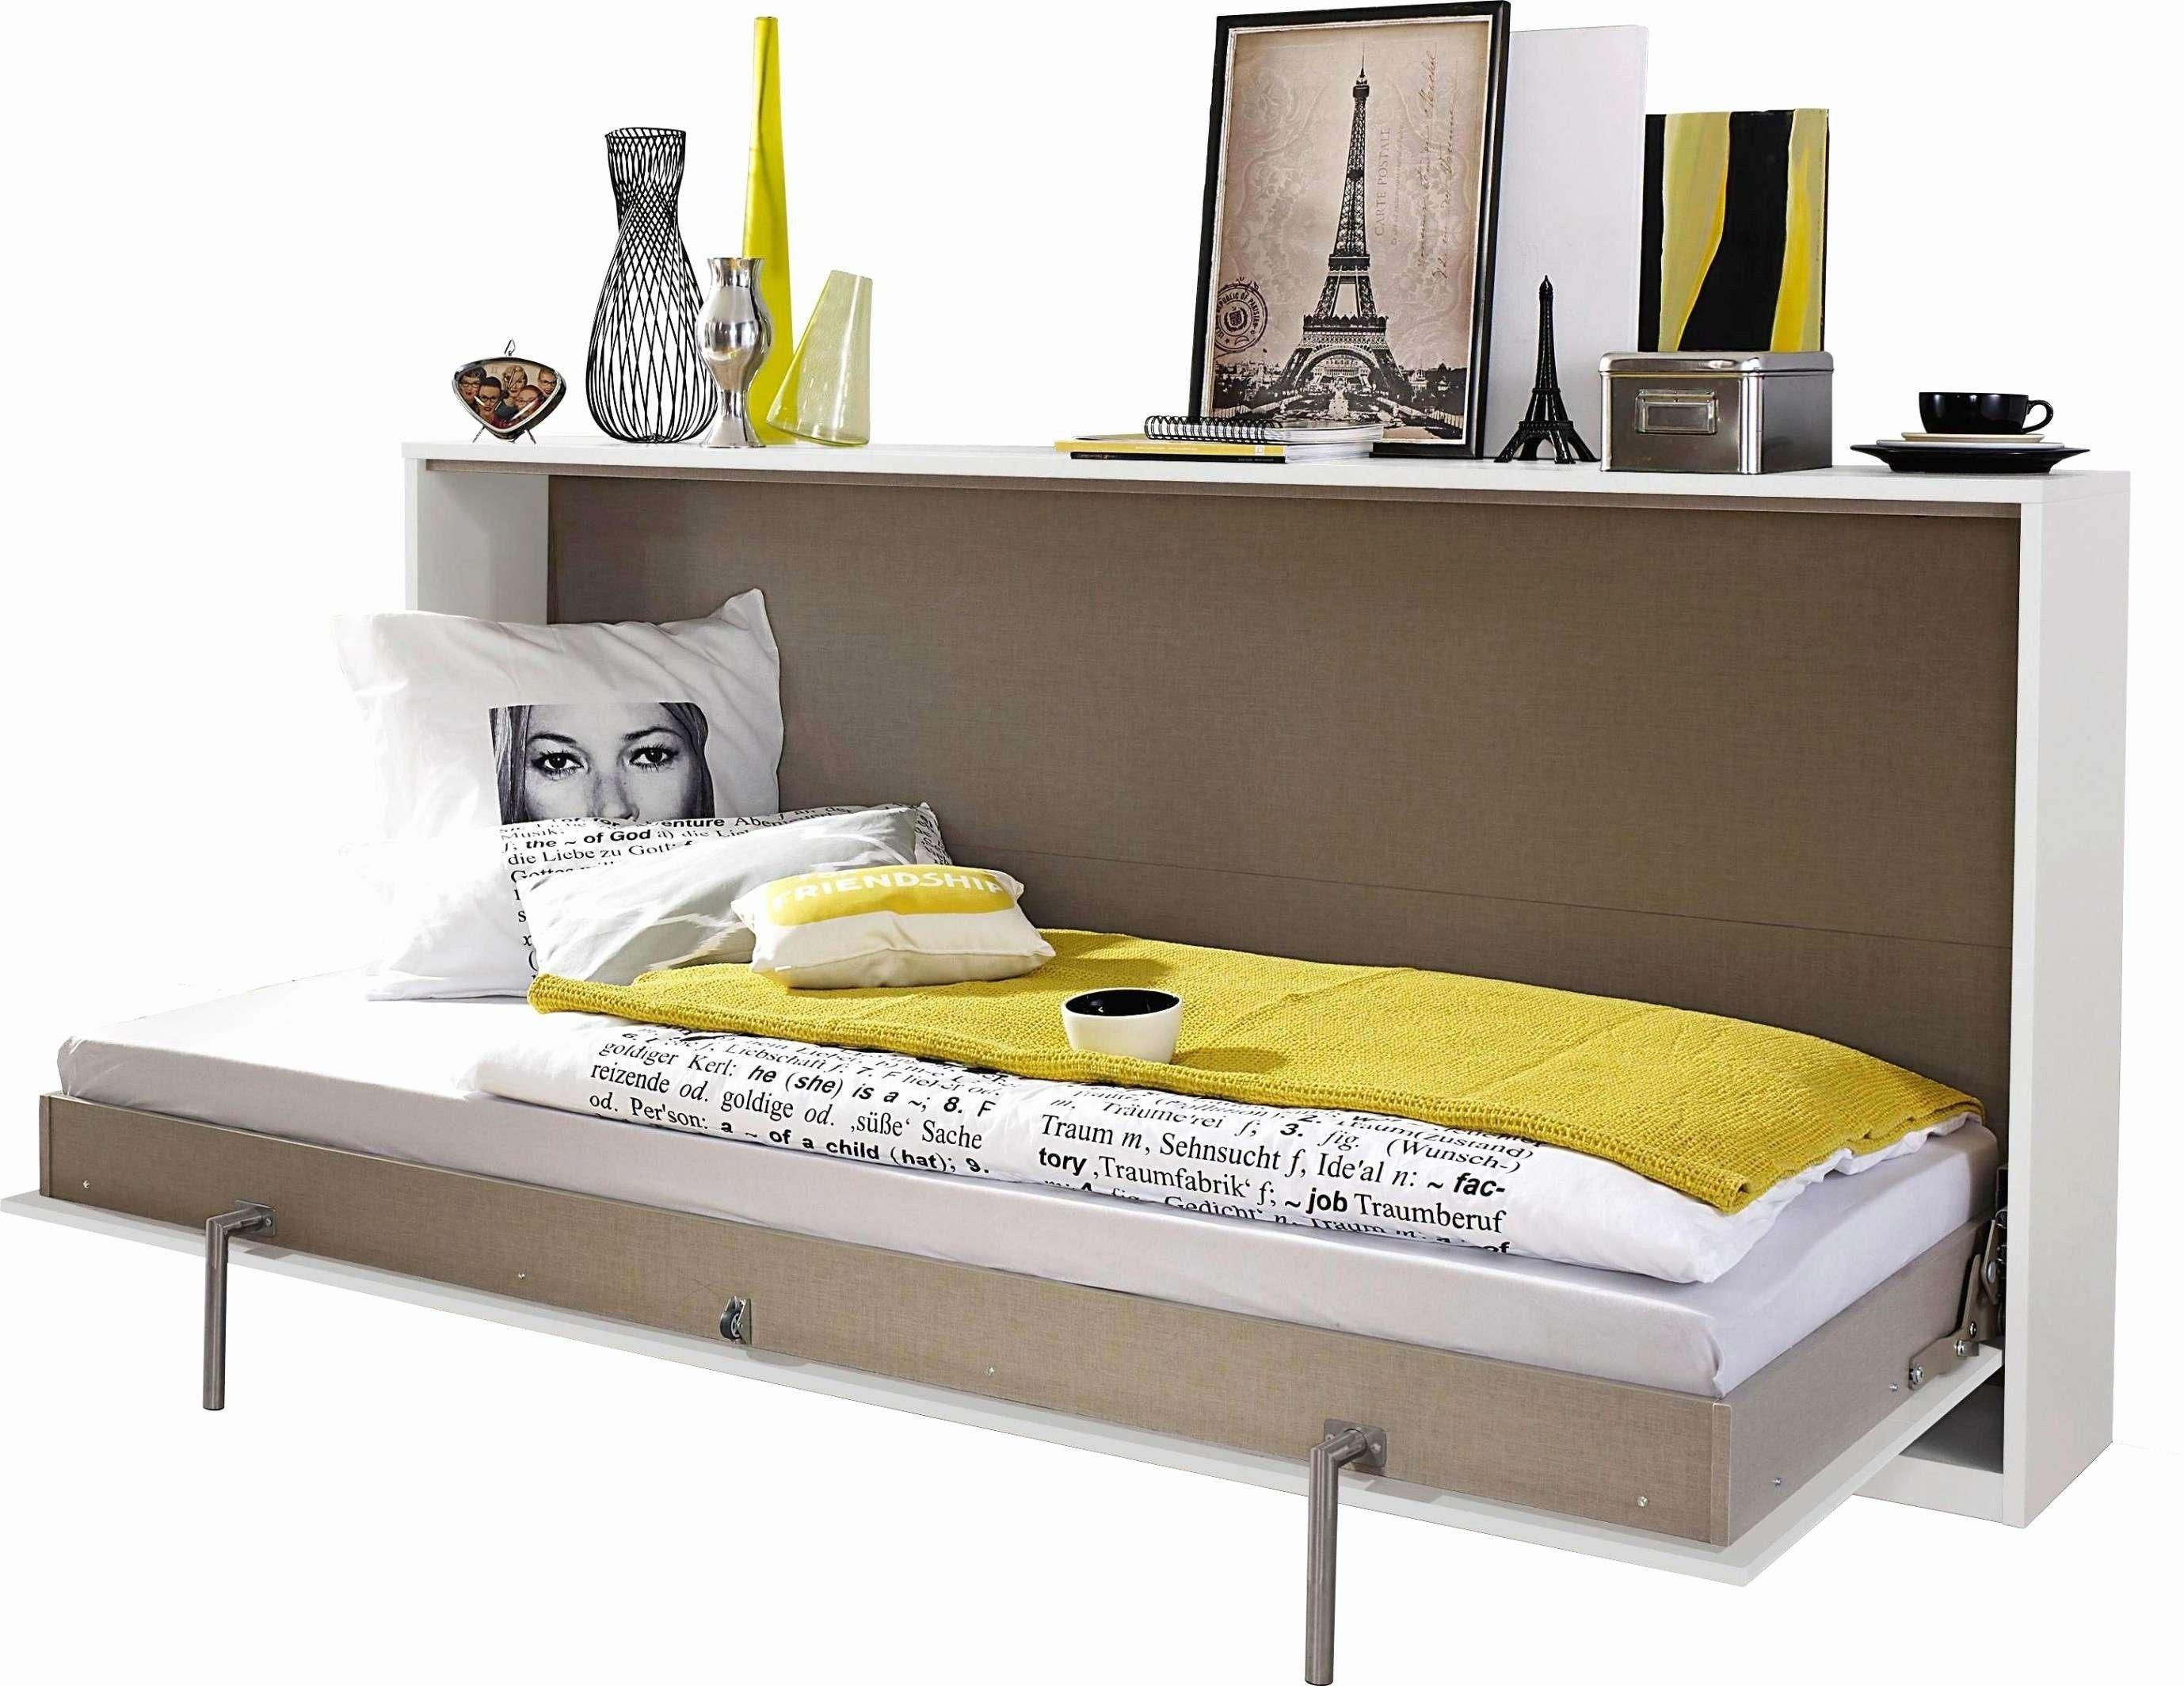 Sommier Lit 160×200 Fraîche Lit Design 160—200 Elégant S Lit sommier Matelas 160—200 New